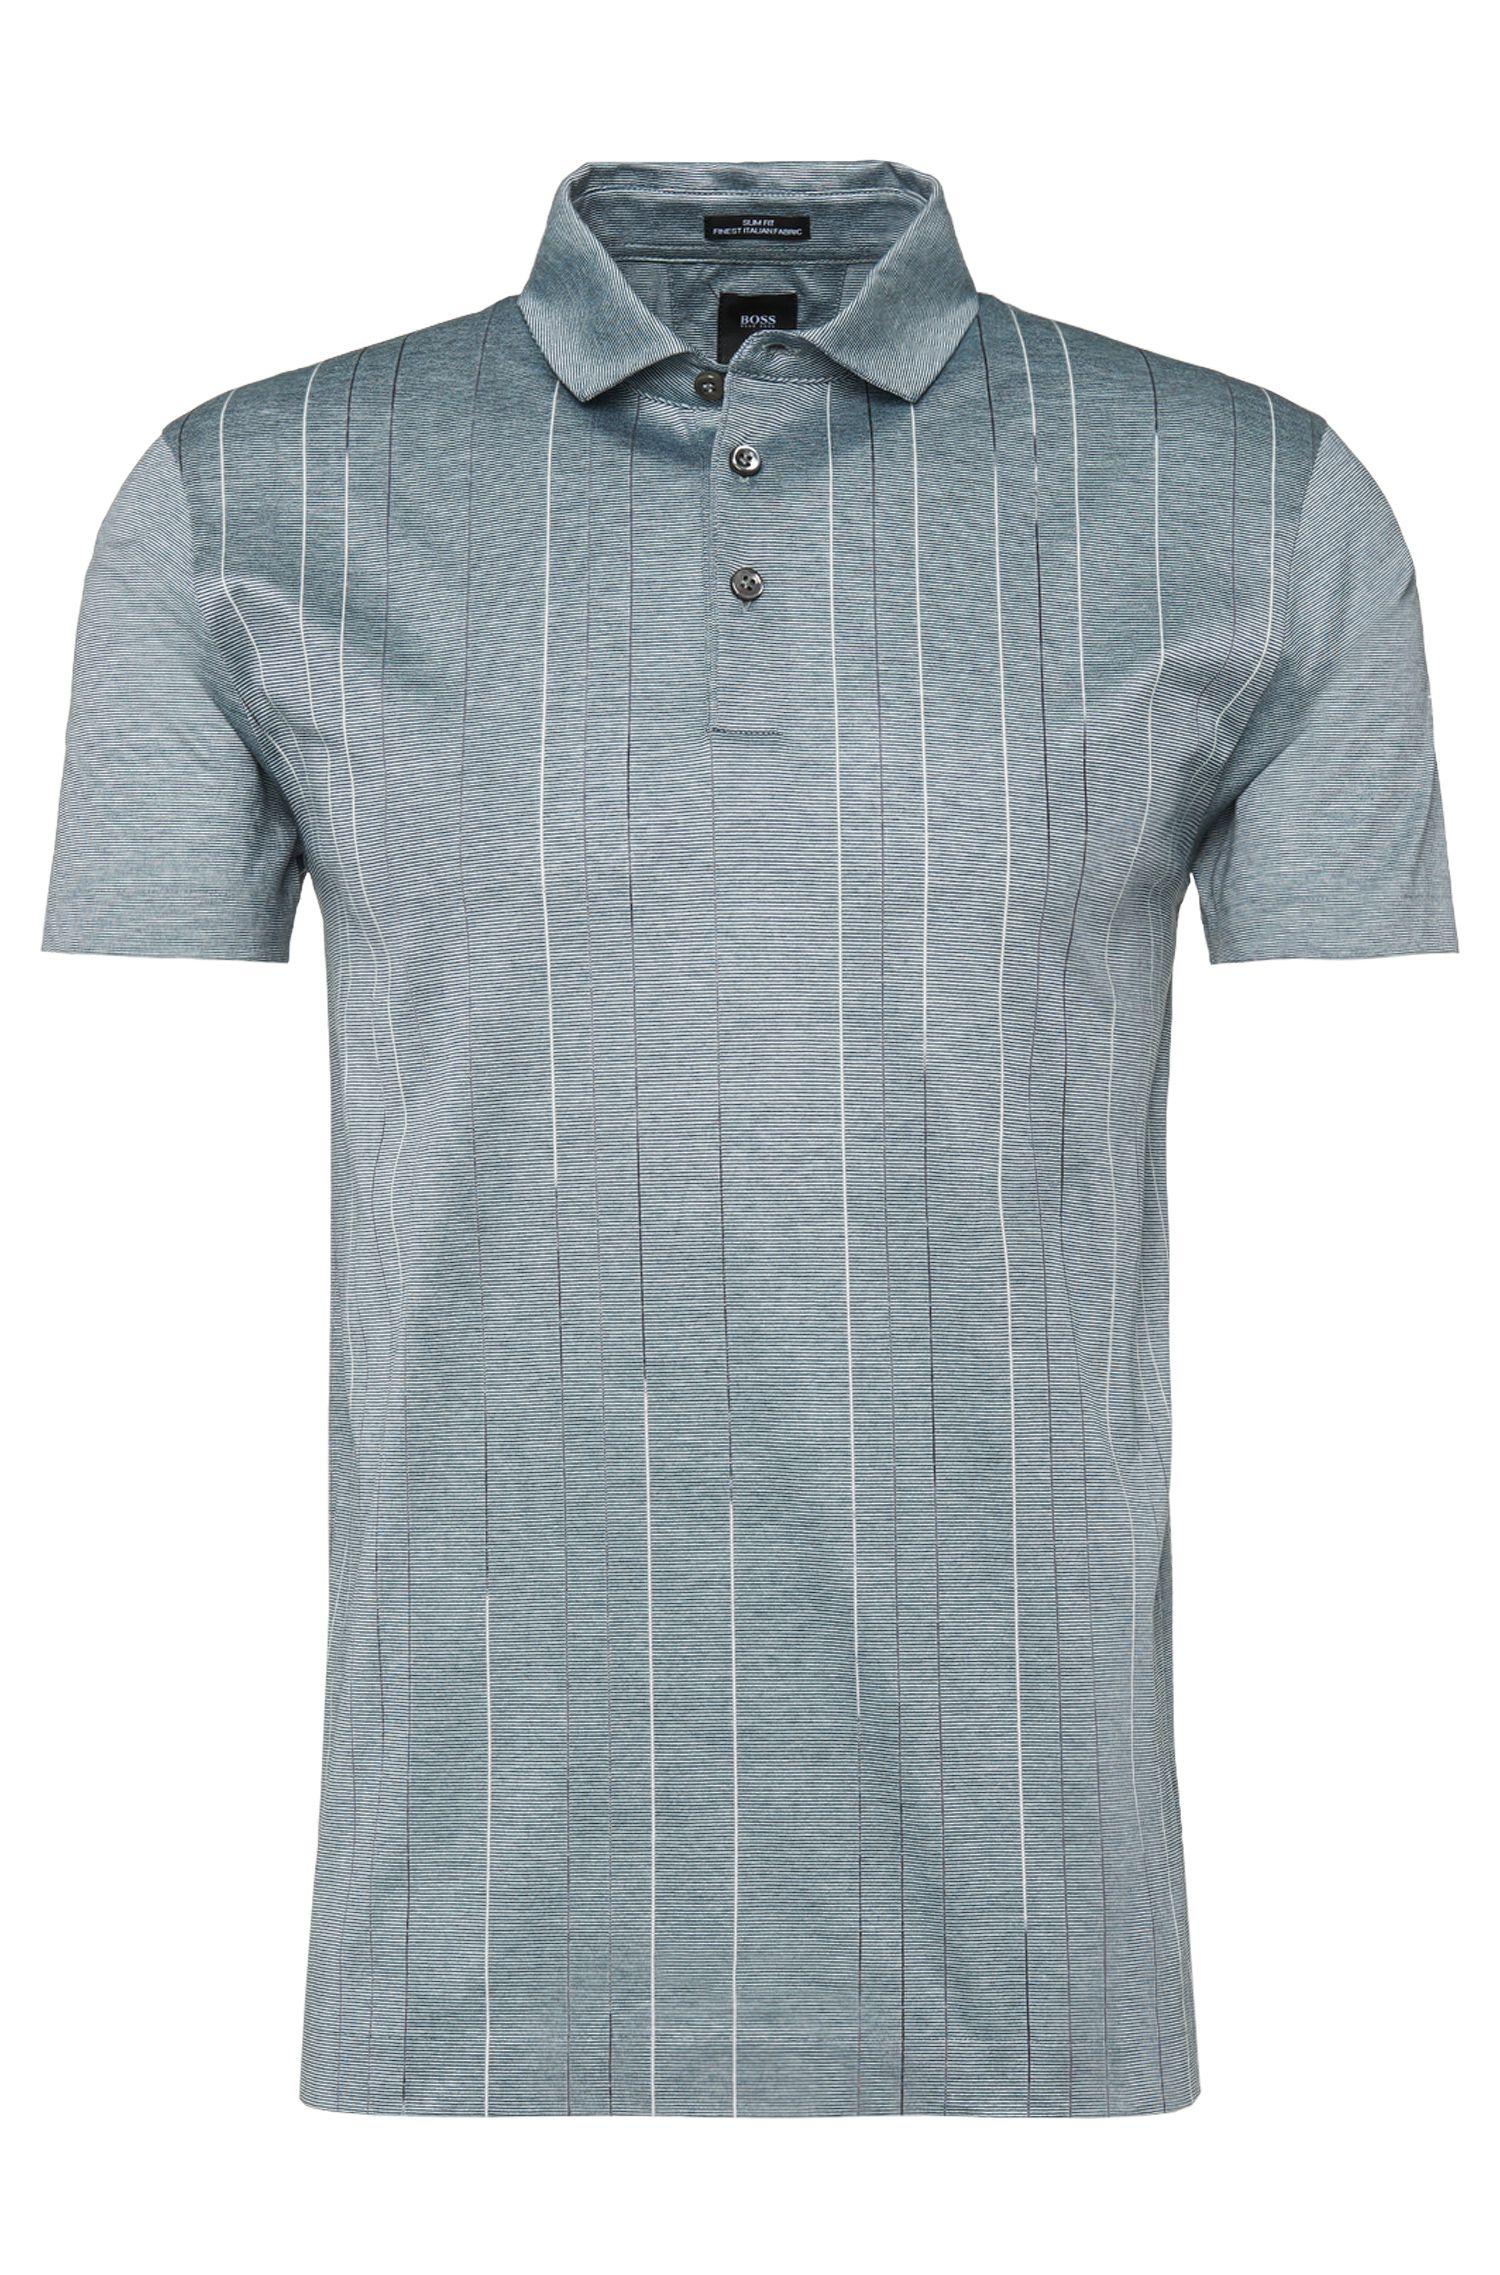 'T-Preston'   Slim Fit, Mercerized Cotton Polo